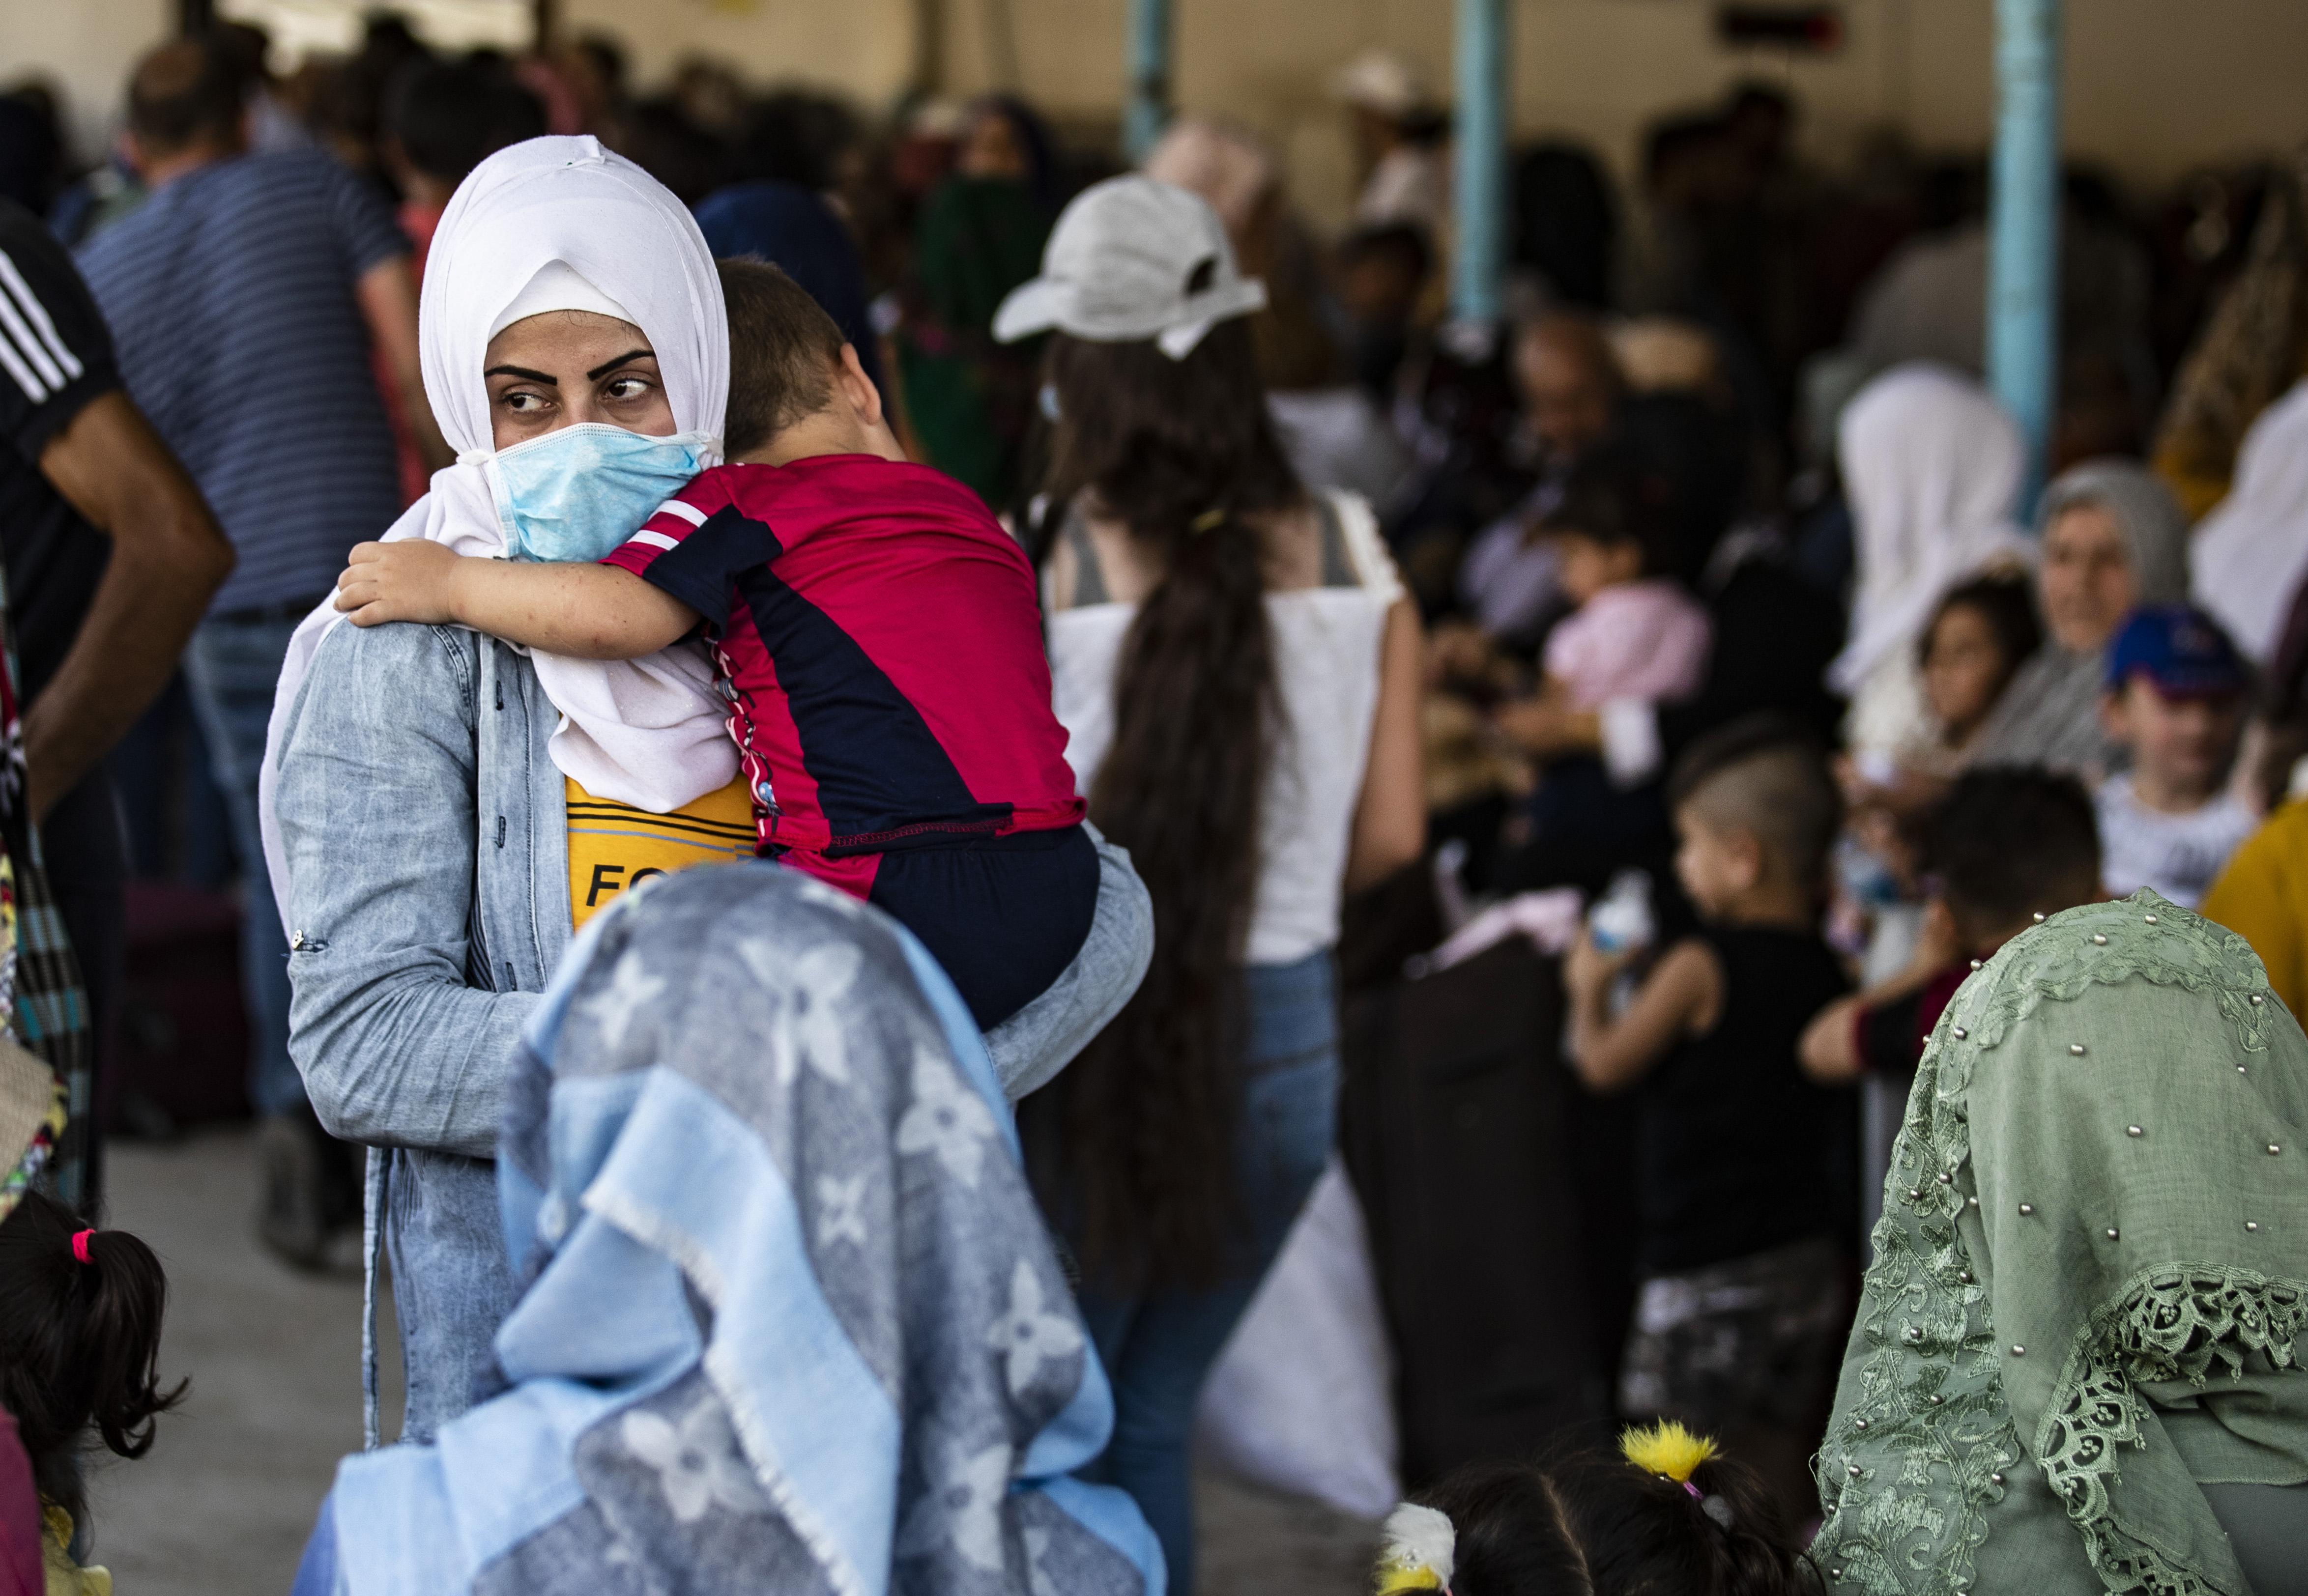 Hunderttausende Syrer*innen sind durch den Krieg vertrieben worden.